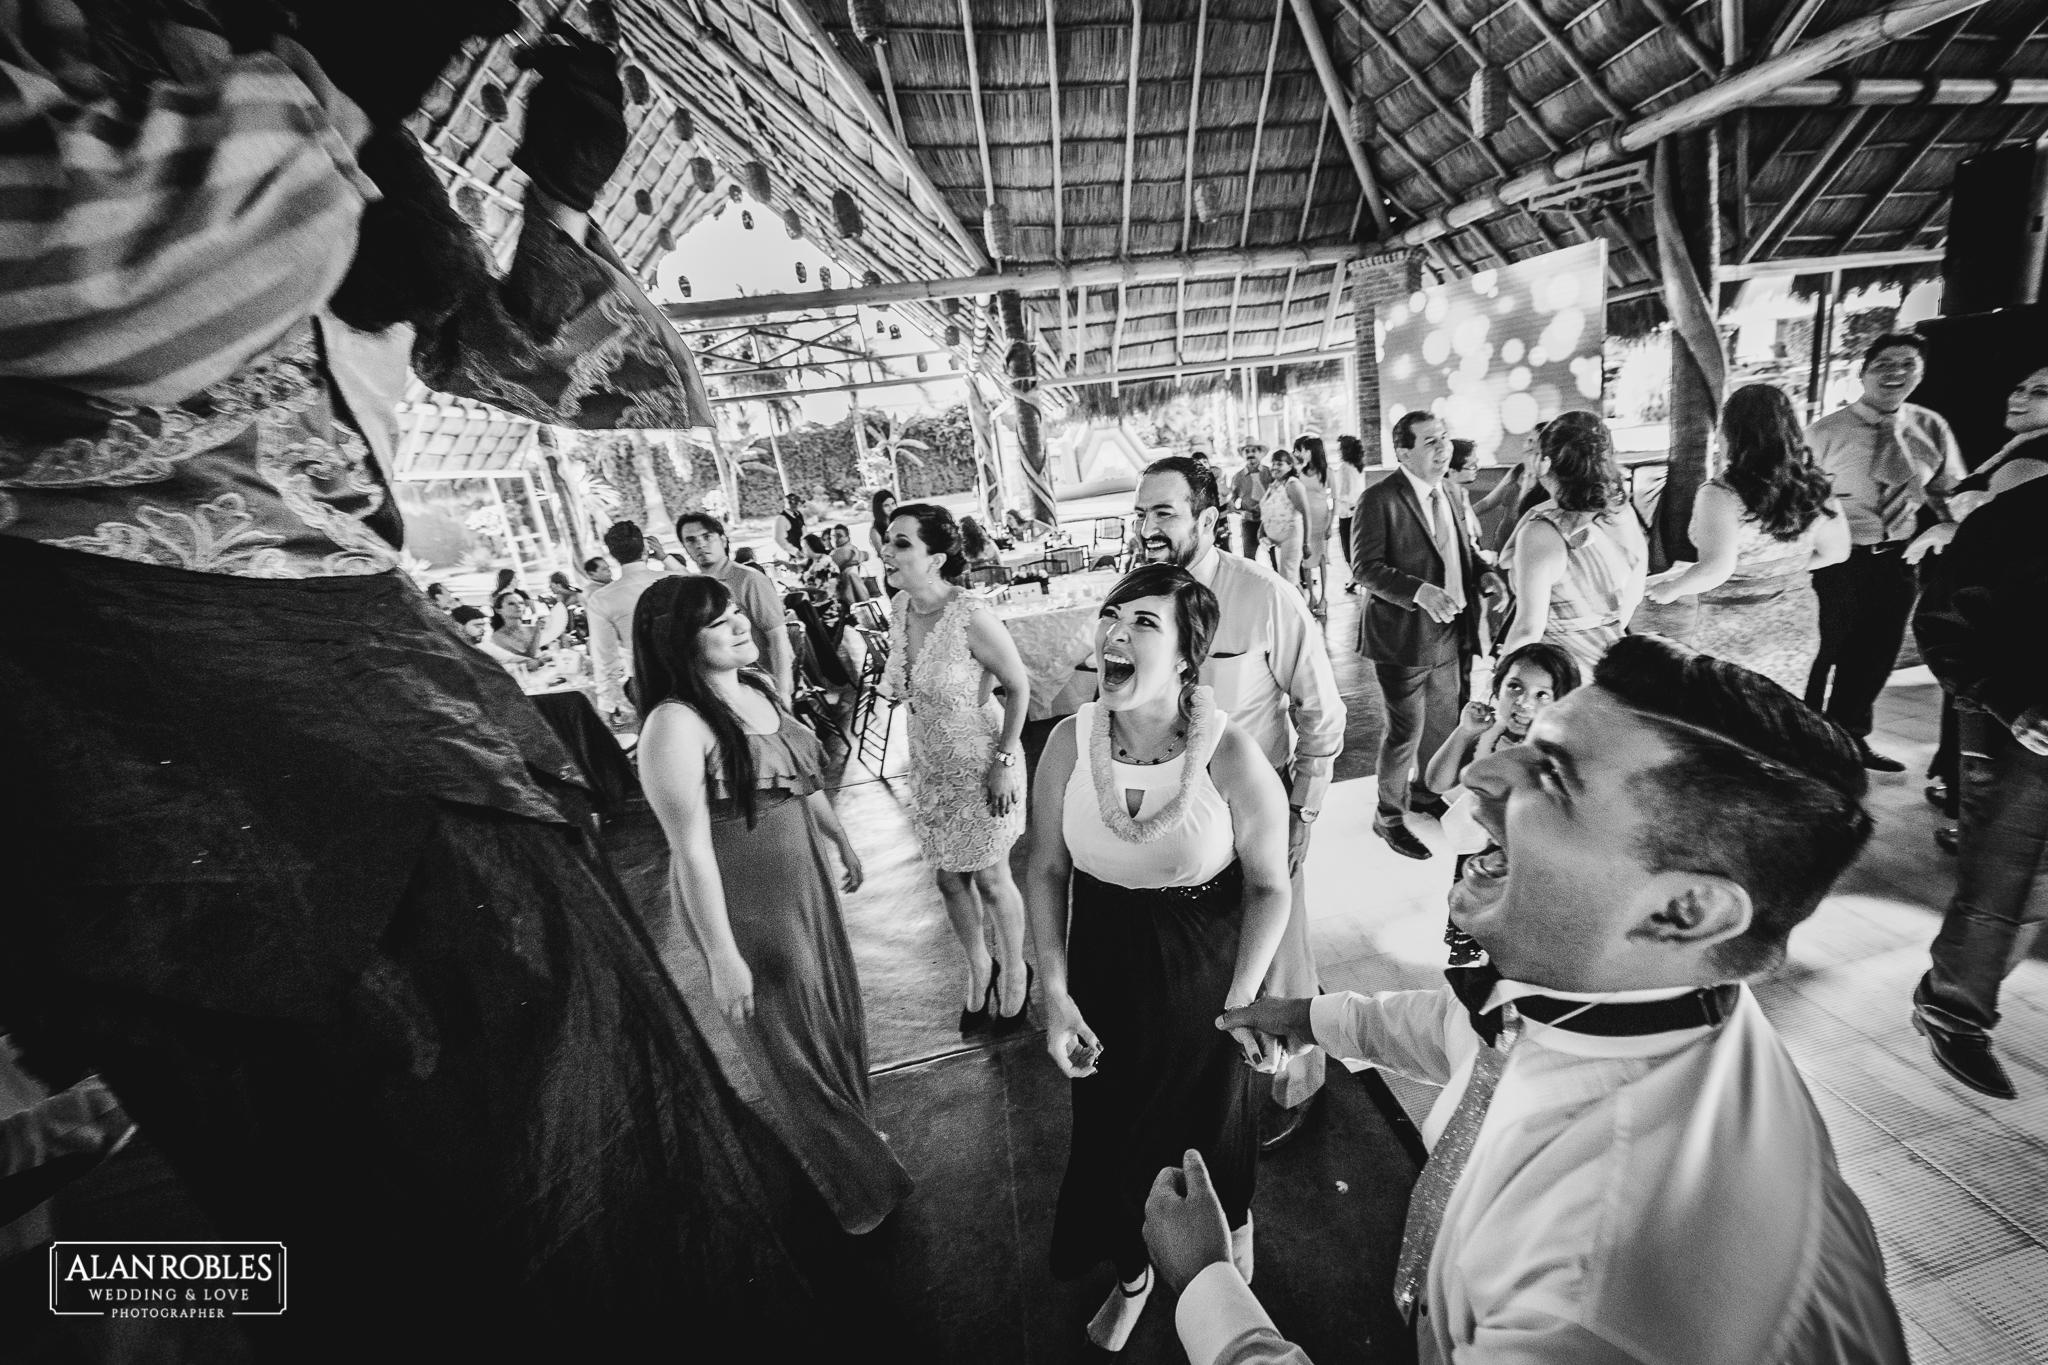 Wedding Moments. Fotografia documental de bodas. Invitados Riendo y bailando en Hacienda Los Pozos. Alan Robles, El mejor fotografo de Bodas en Guadalajara.